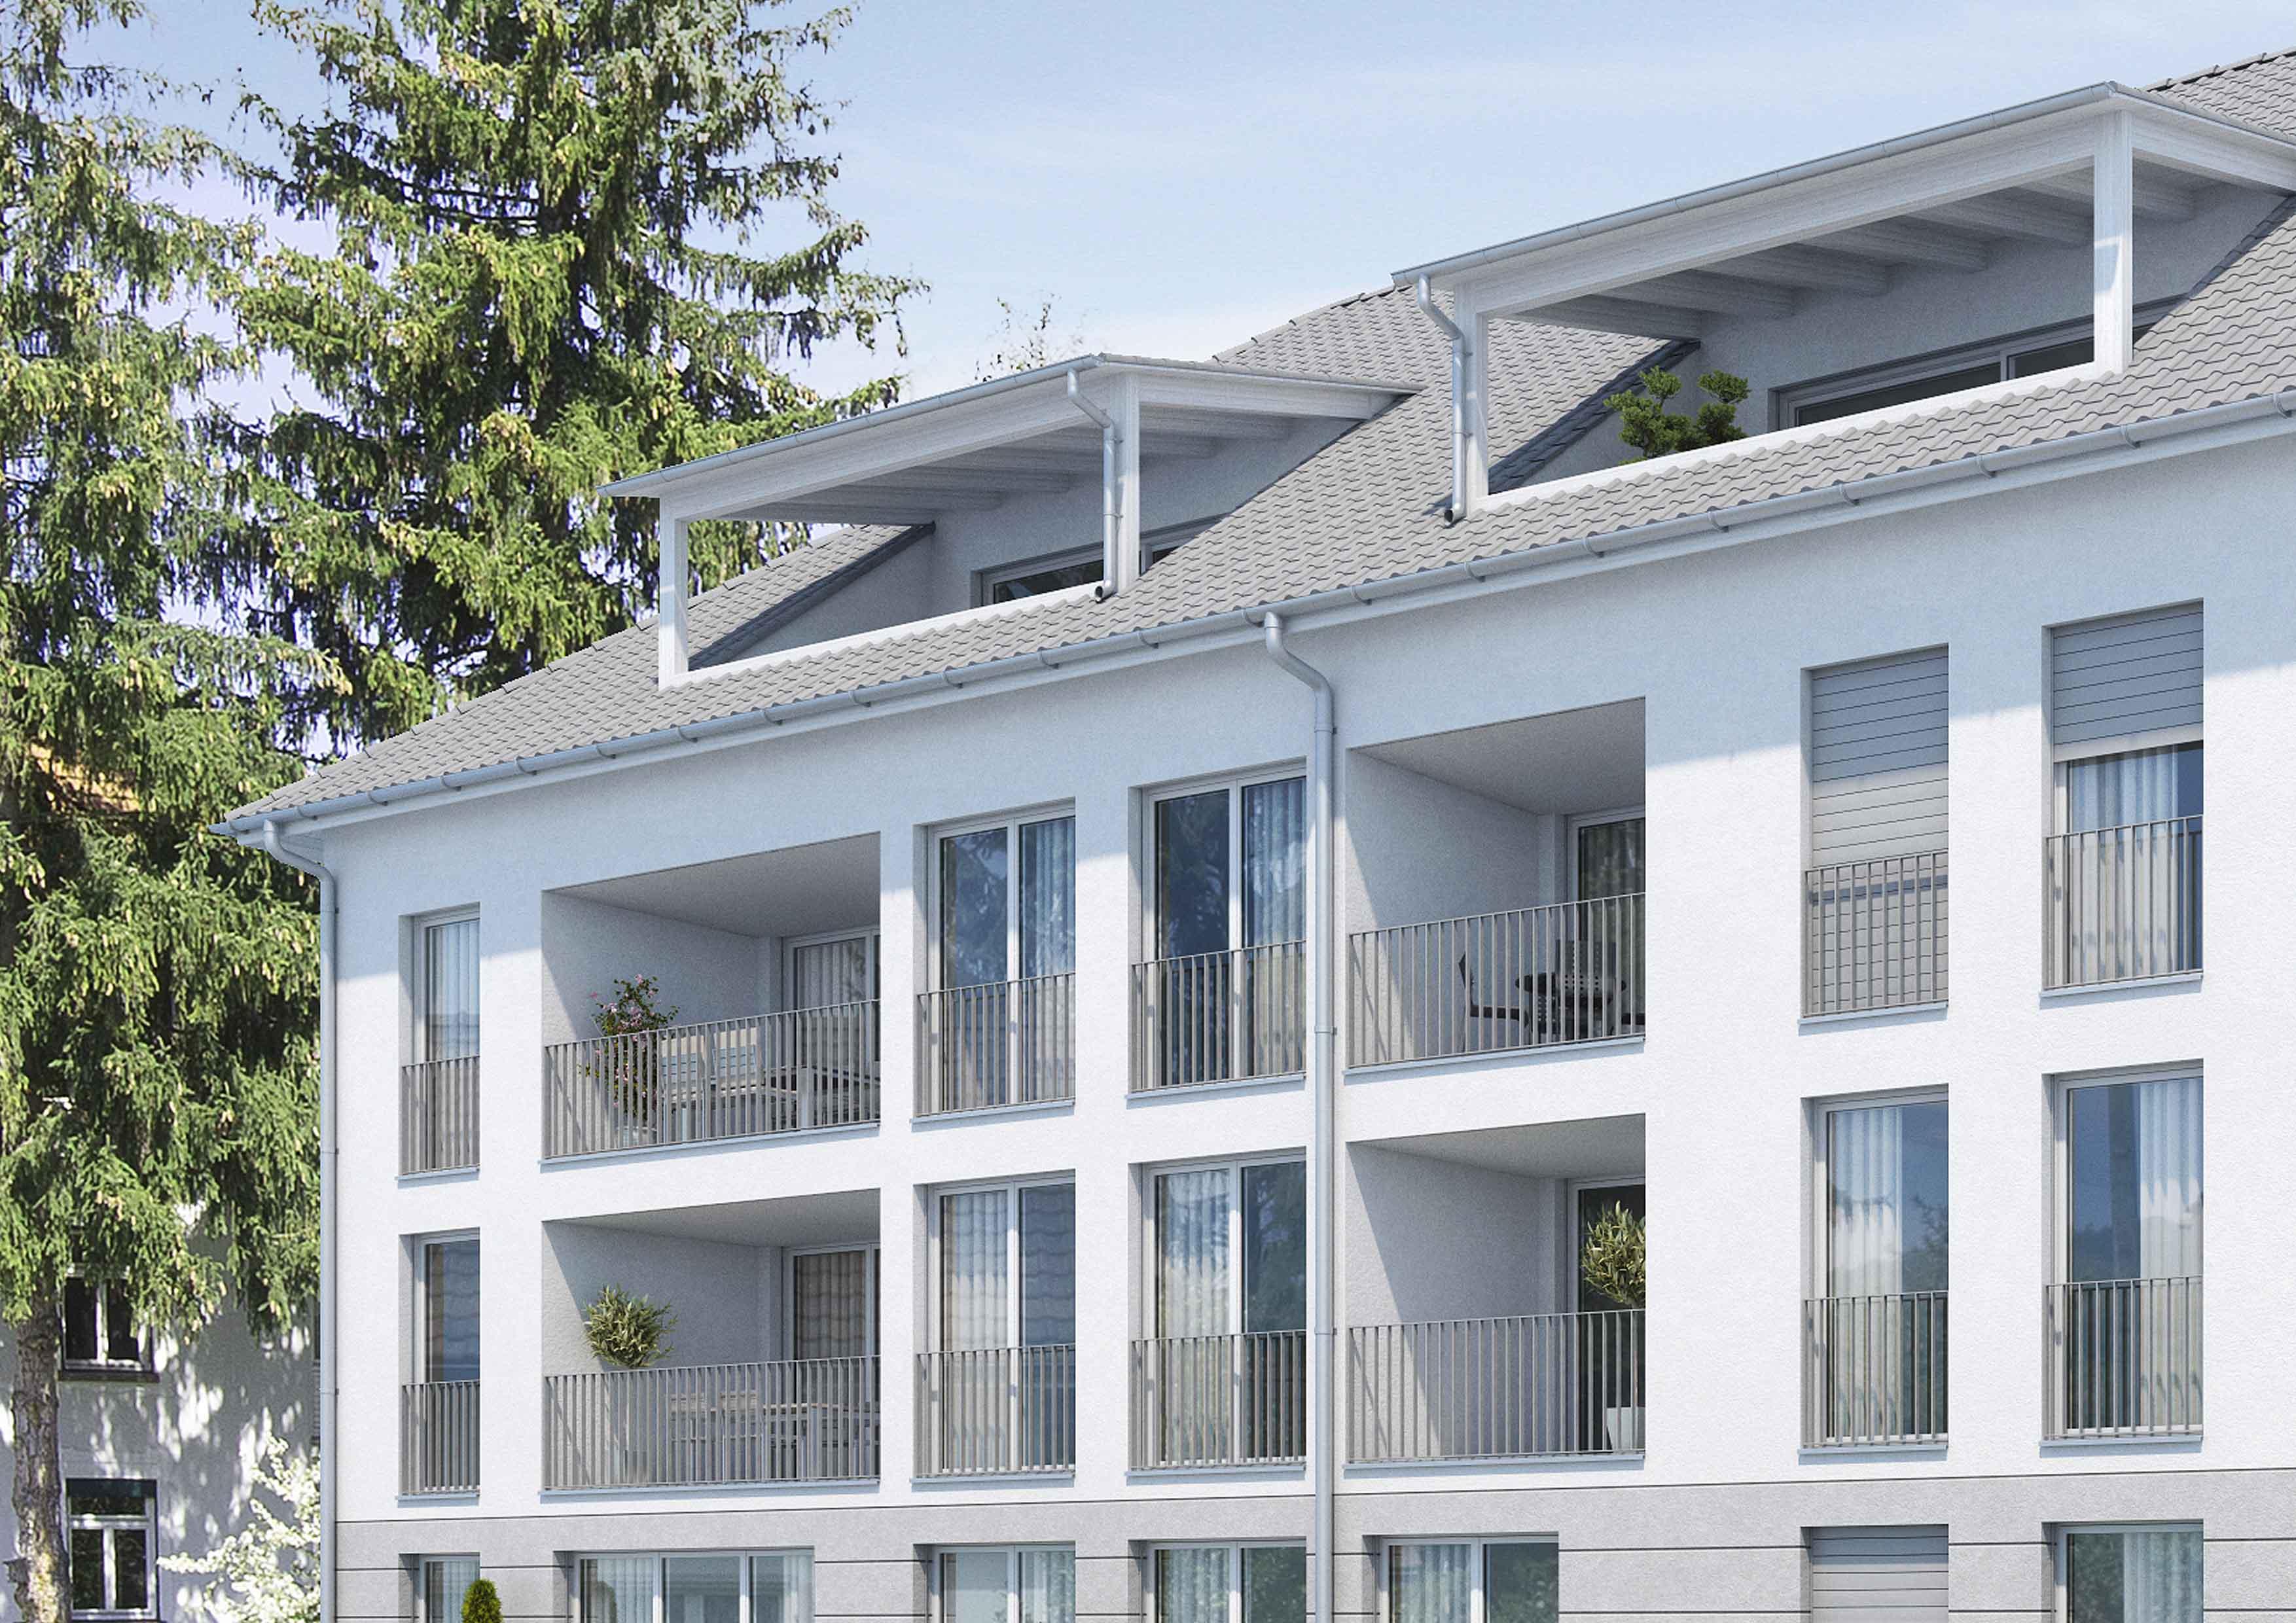 Englert-Wohnbau_BV-Reutlingen-Charlottenstr-75-Visualisierung-3